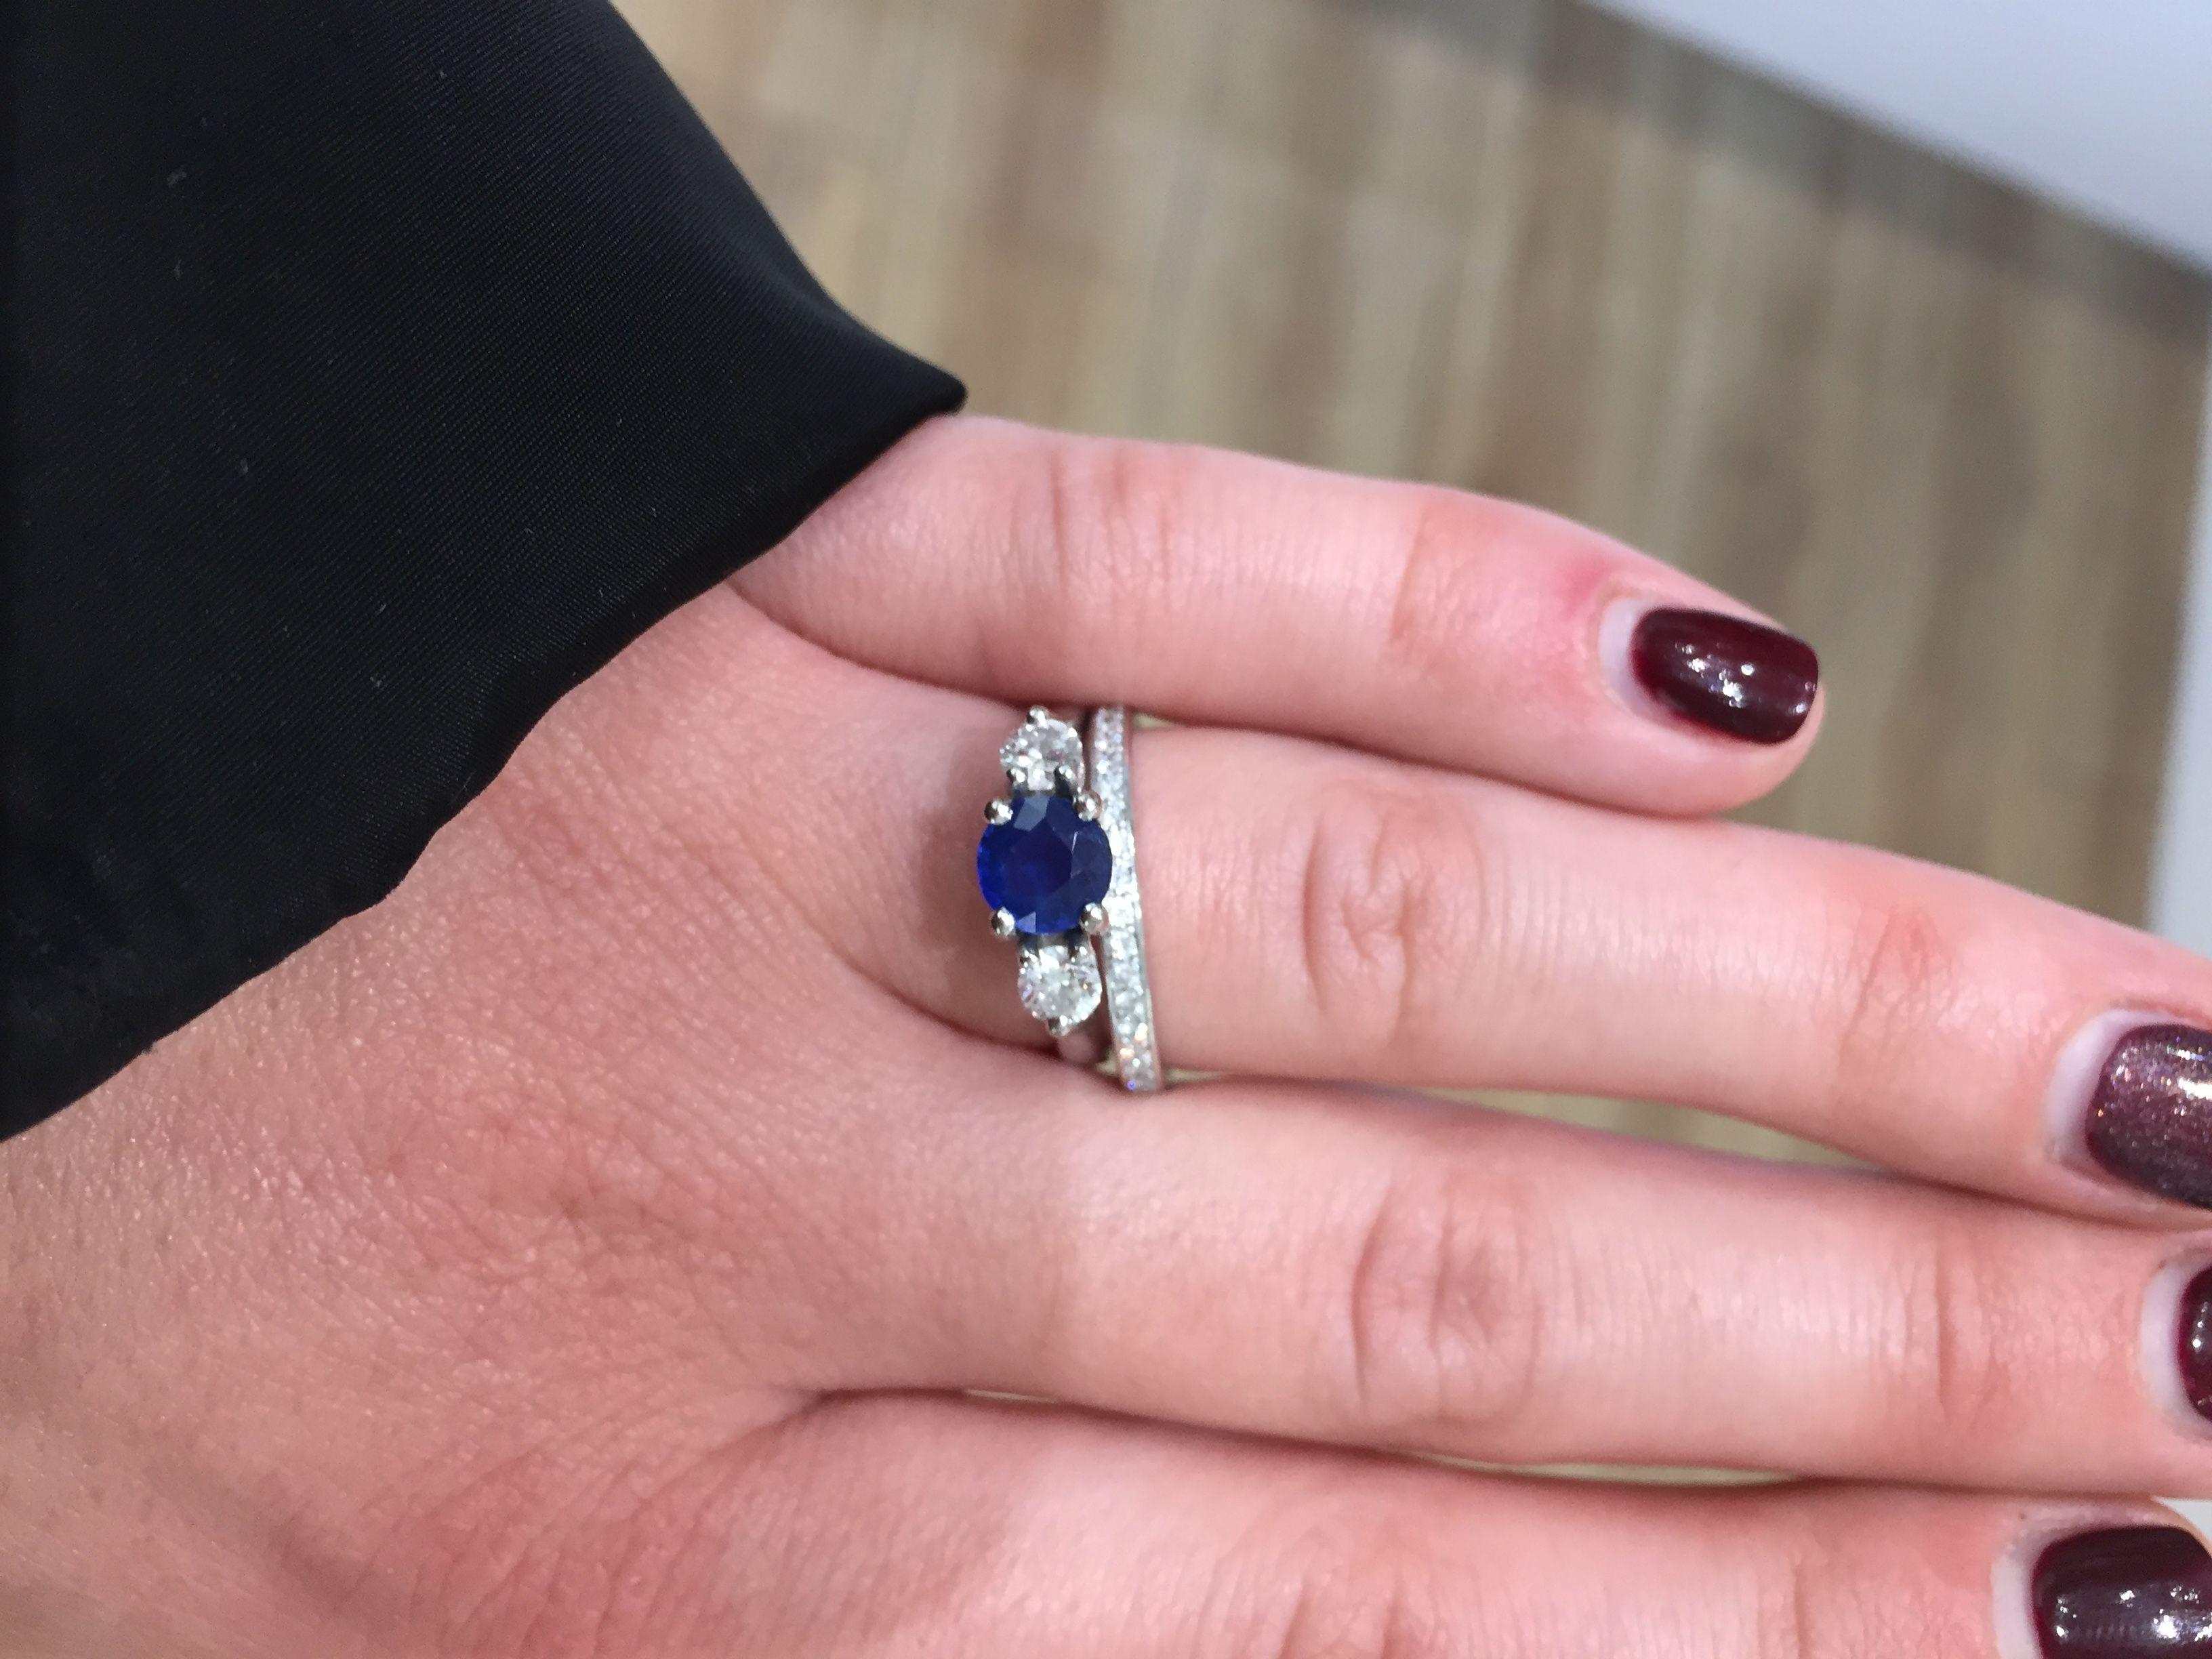 Pin by Sarah-Jane Broad on Wedding Ring | Pinterest